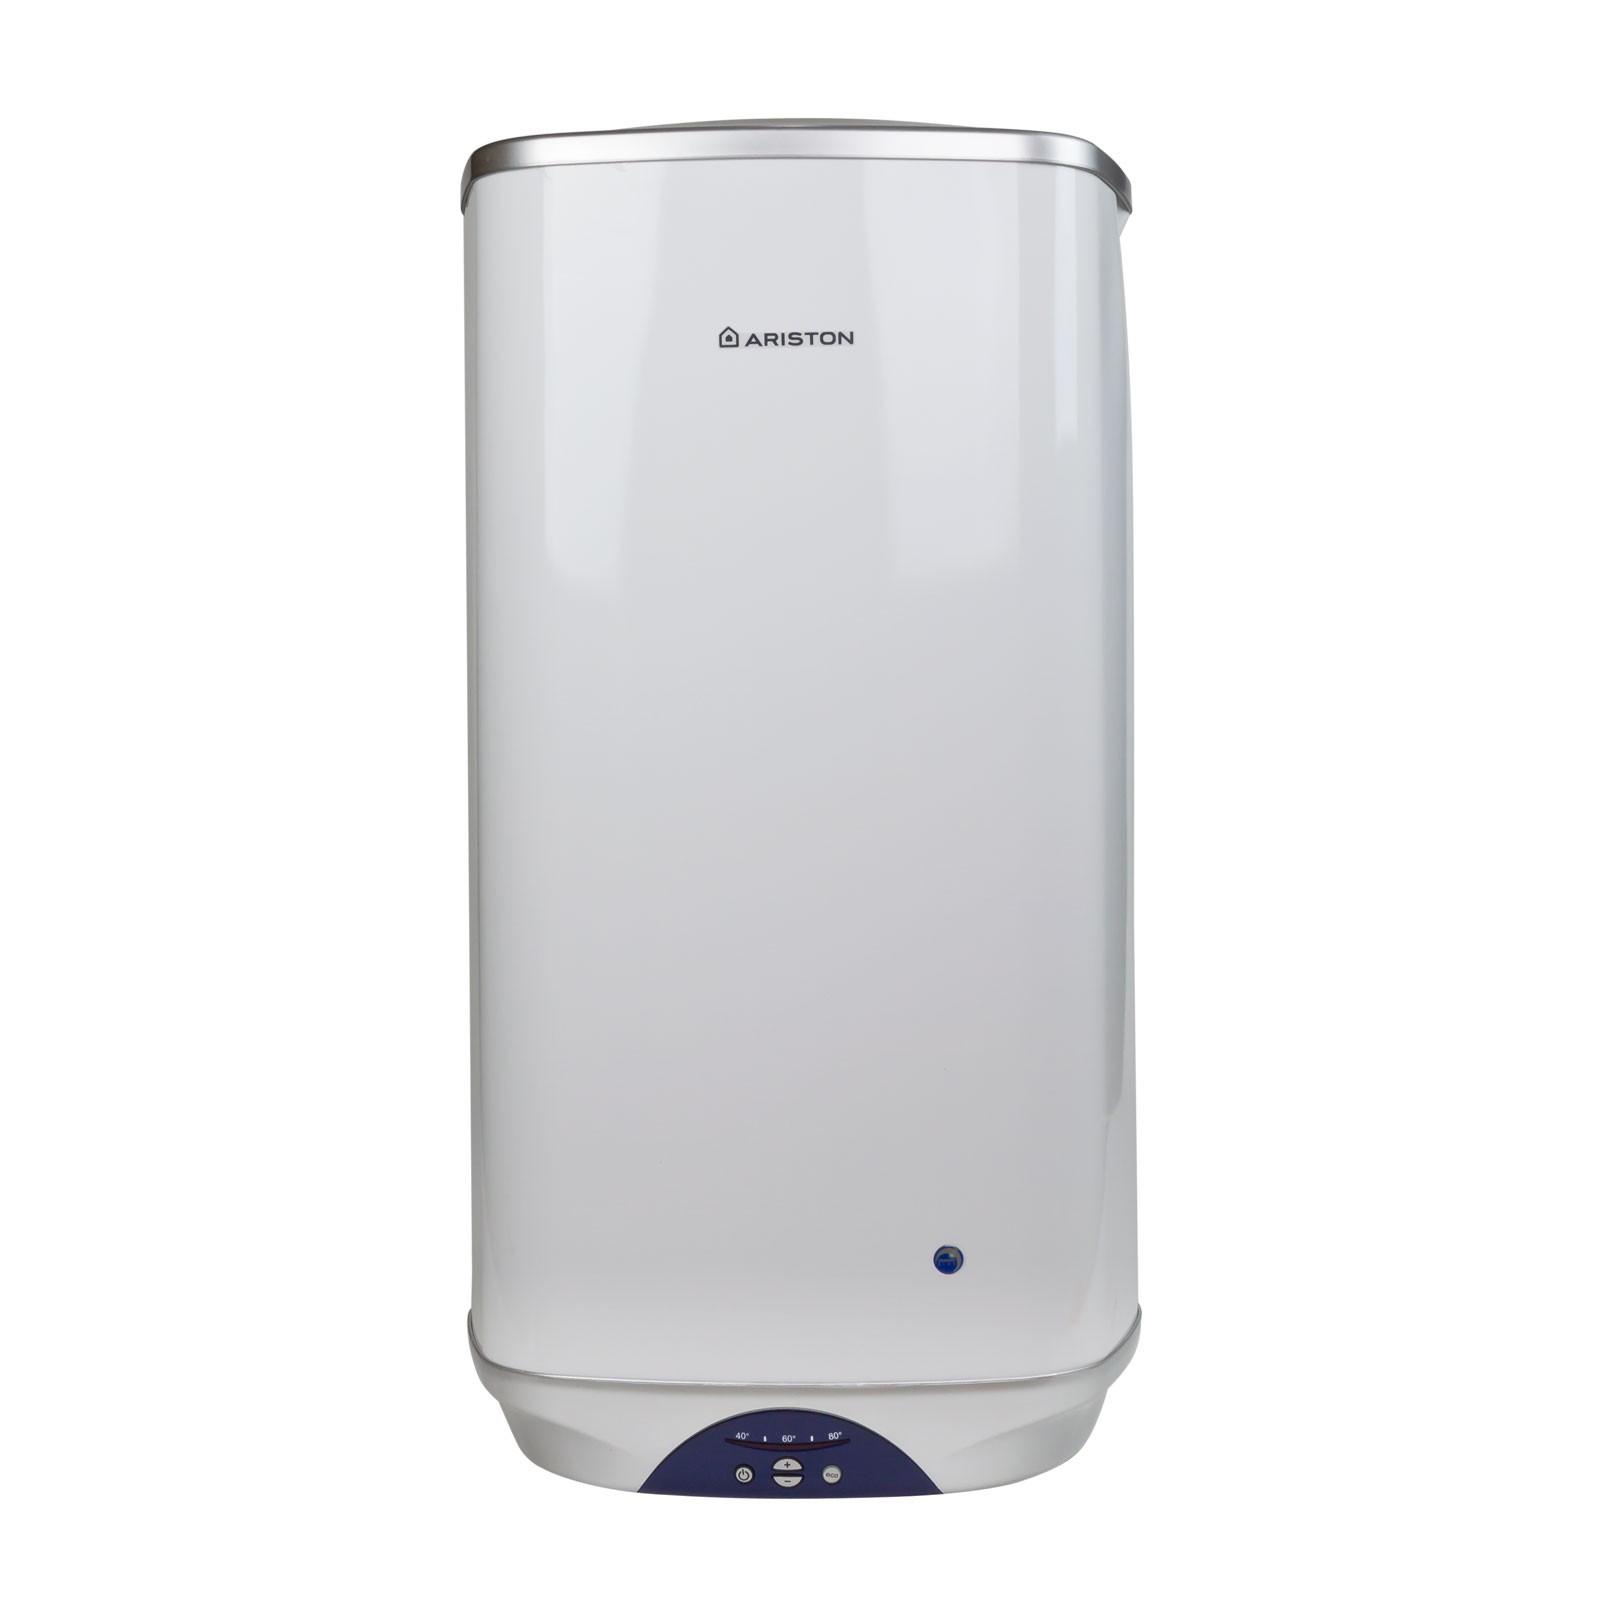 ariston shape eco 80l warmwasserspeicher warmwasser boiler heisswasser speicher ebay. Black Bedroom Furniture Sets. Home Design Ideas